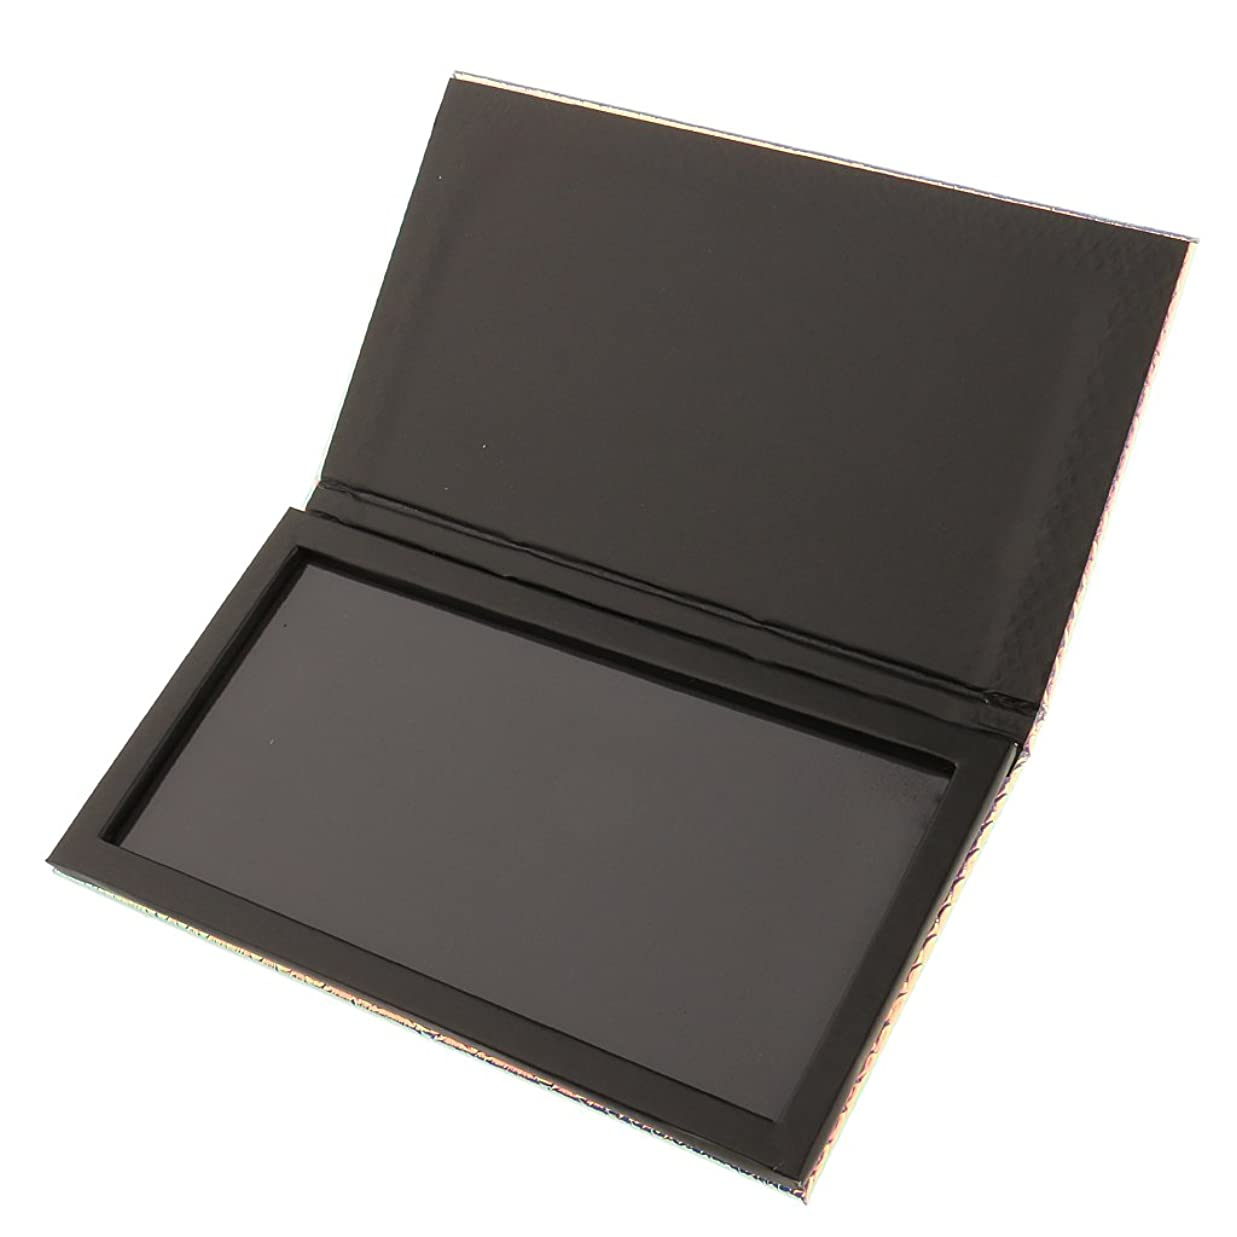 アイスクリーム仲良し欠乏Kesoto 磁気パレットボックス 空の磁気パレット 化粧品ケース メイクアップ コスメ 収納 ボックス 旅行 出張 化粧品DIY 全2サイズ選べ - 18x10cm